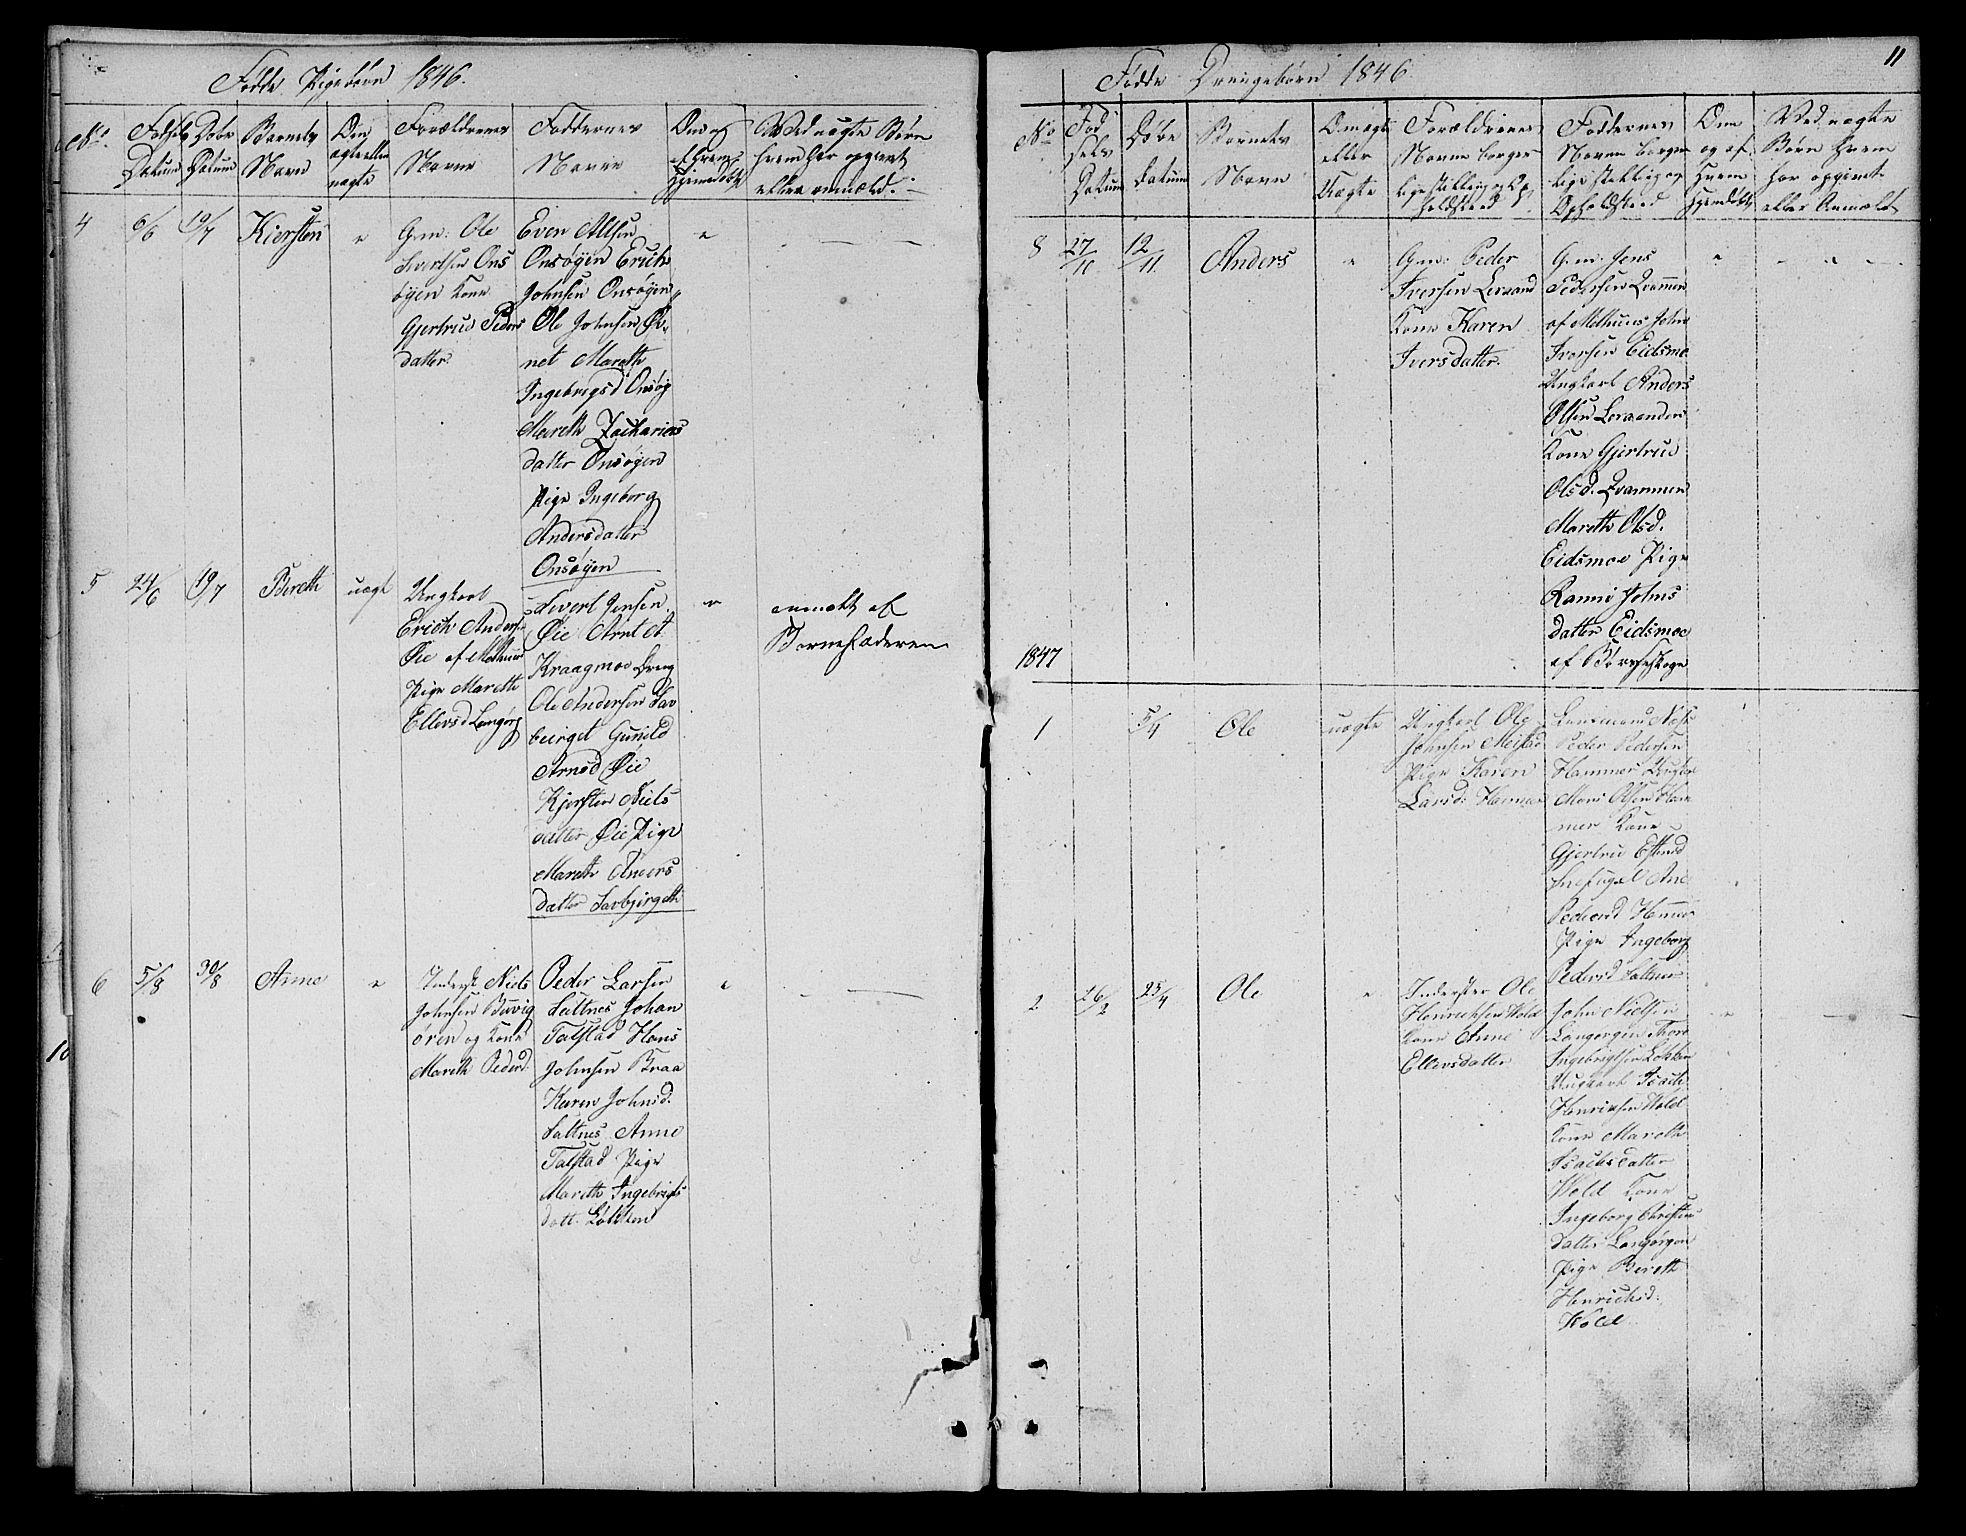 SAT, Ministerialprotokoller, klokkerbøker og fødselsregistre - Sør-Trøndelag, 666/L0789: Klokkerbok nr. 666C02, 1843-1847, s. 11